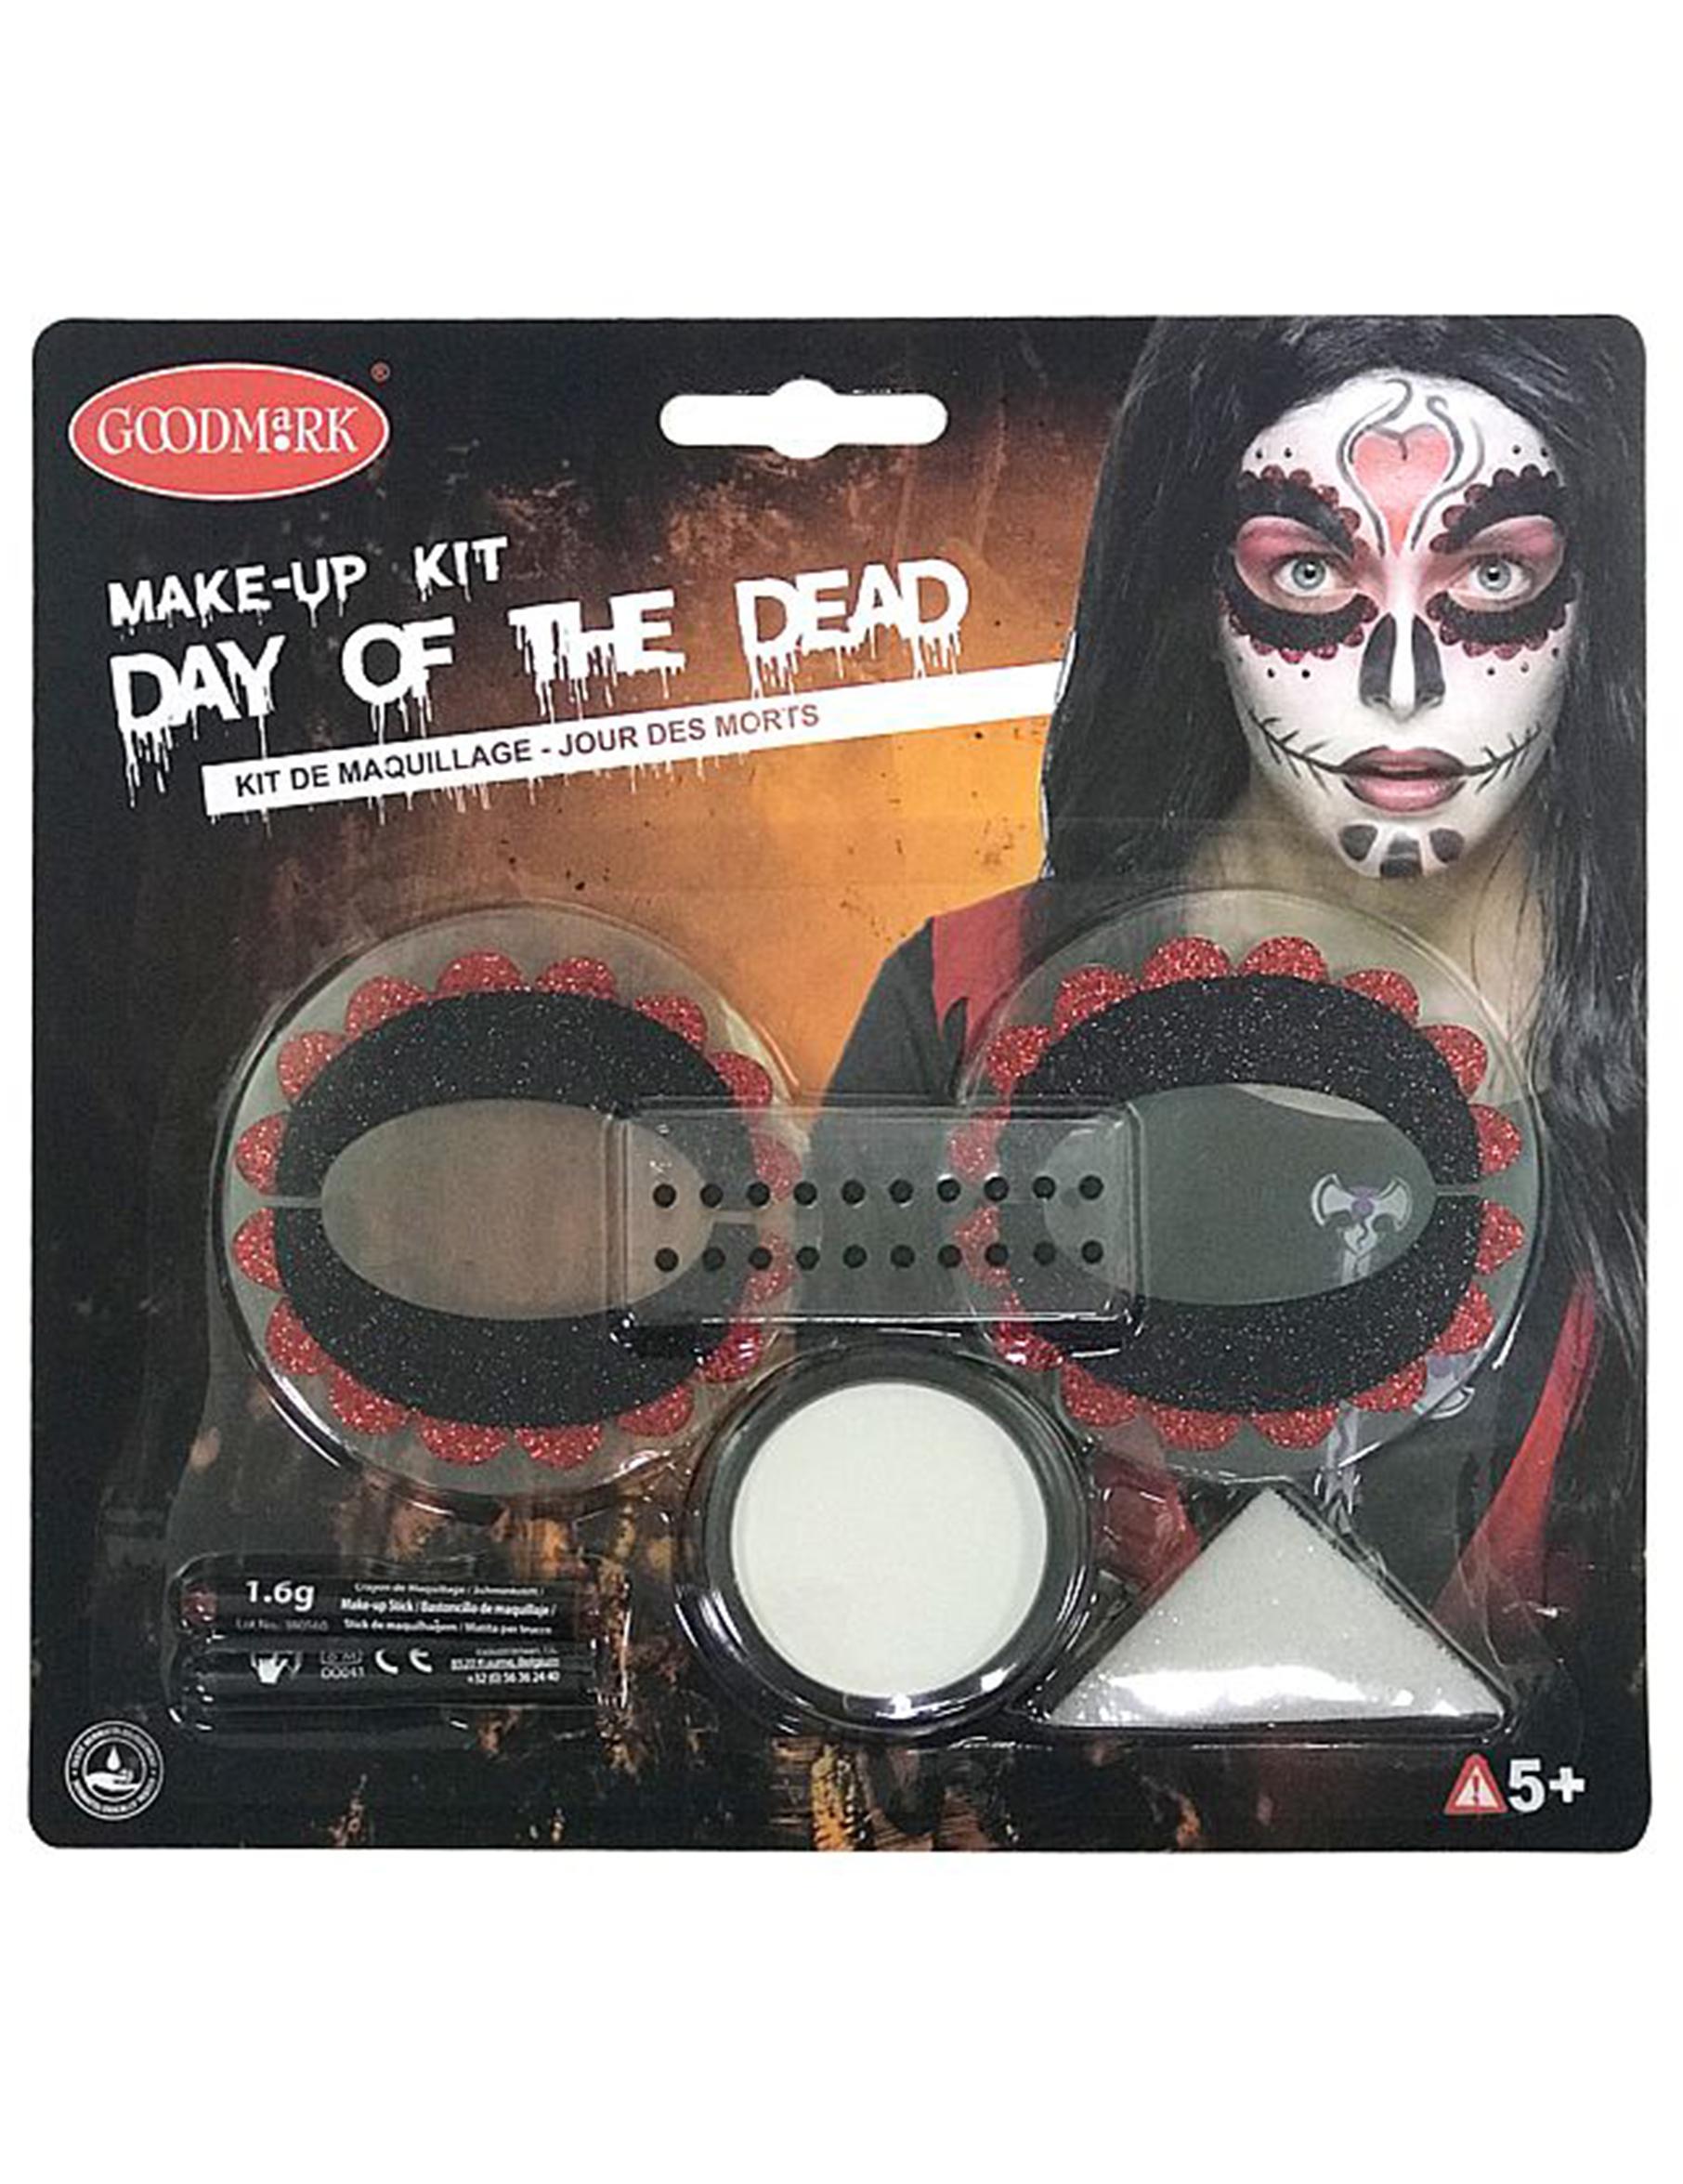 Kit maquillage color femme dia de los muertos deguise toi achat de maquillage - Maquillage dia de los muertos ...